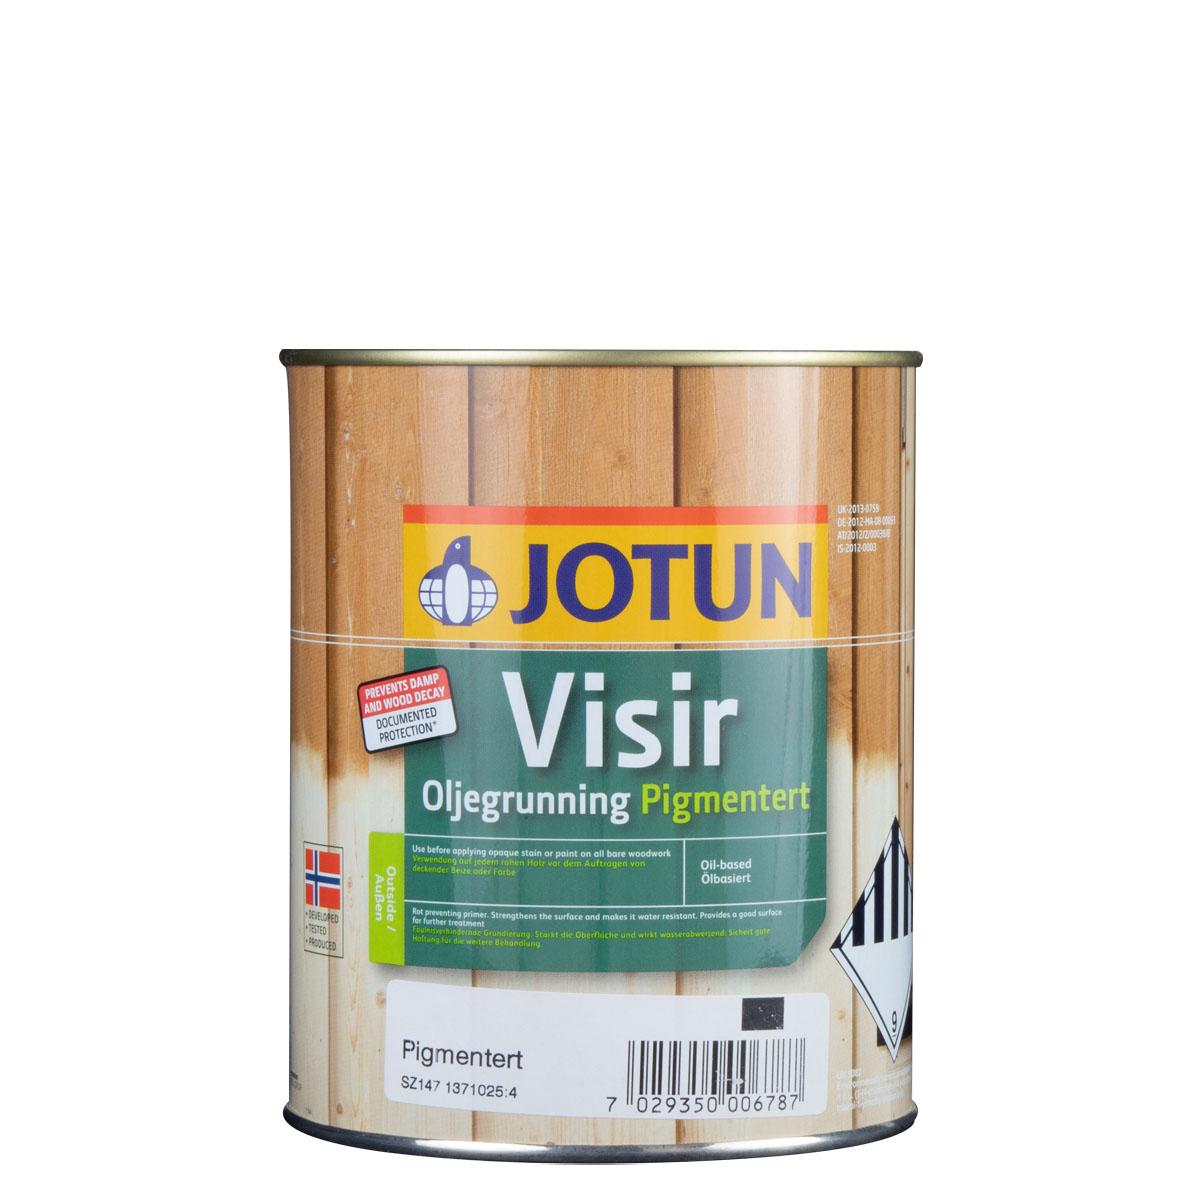 Jotun Visir Oljegrunning pigmentiert, Grundierung